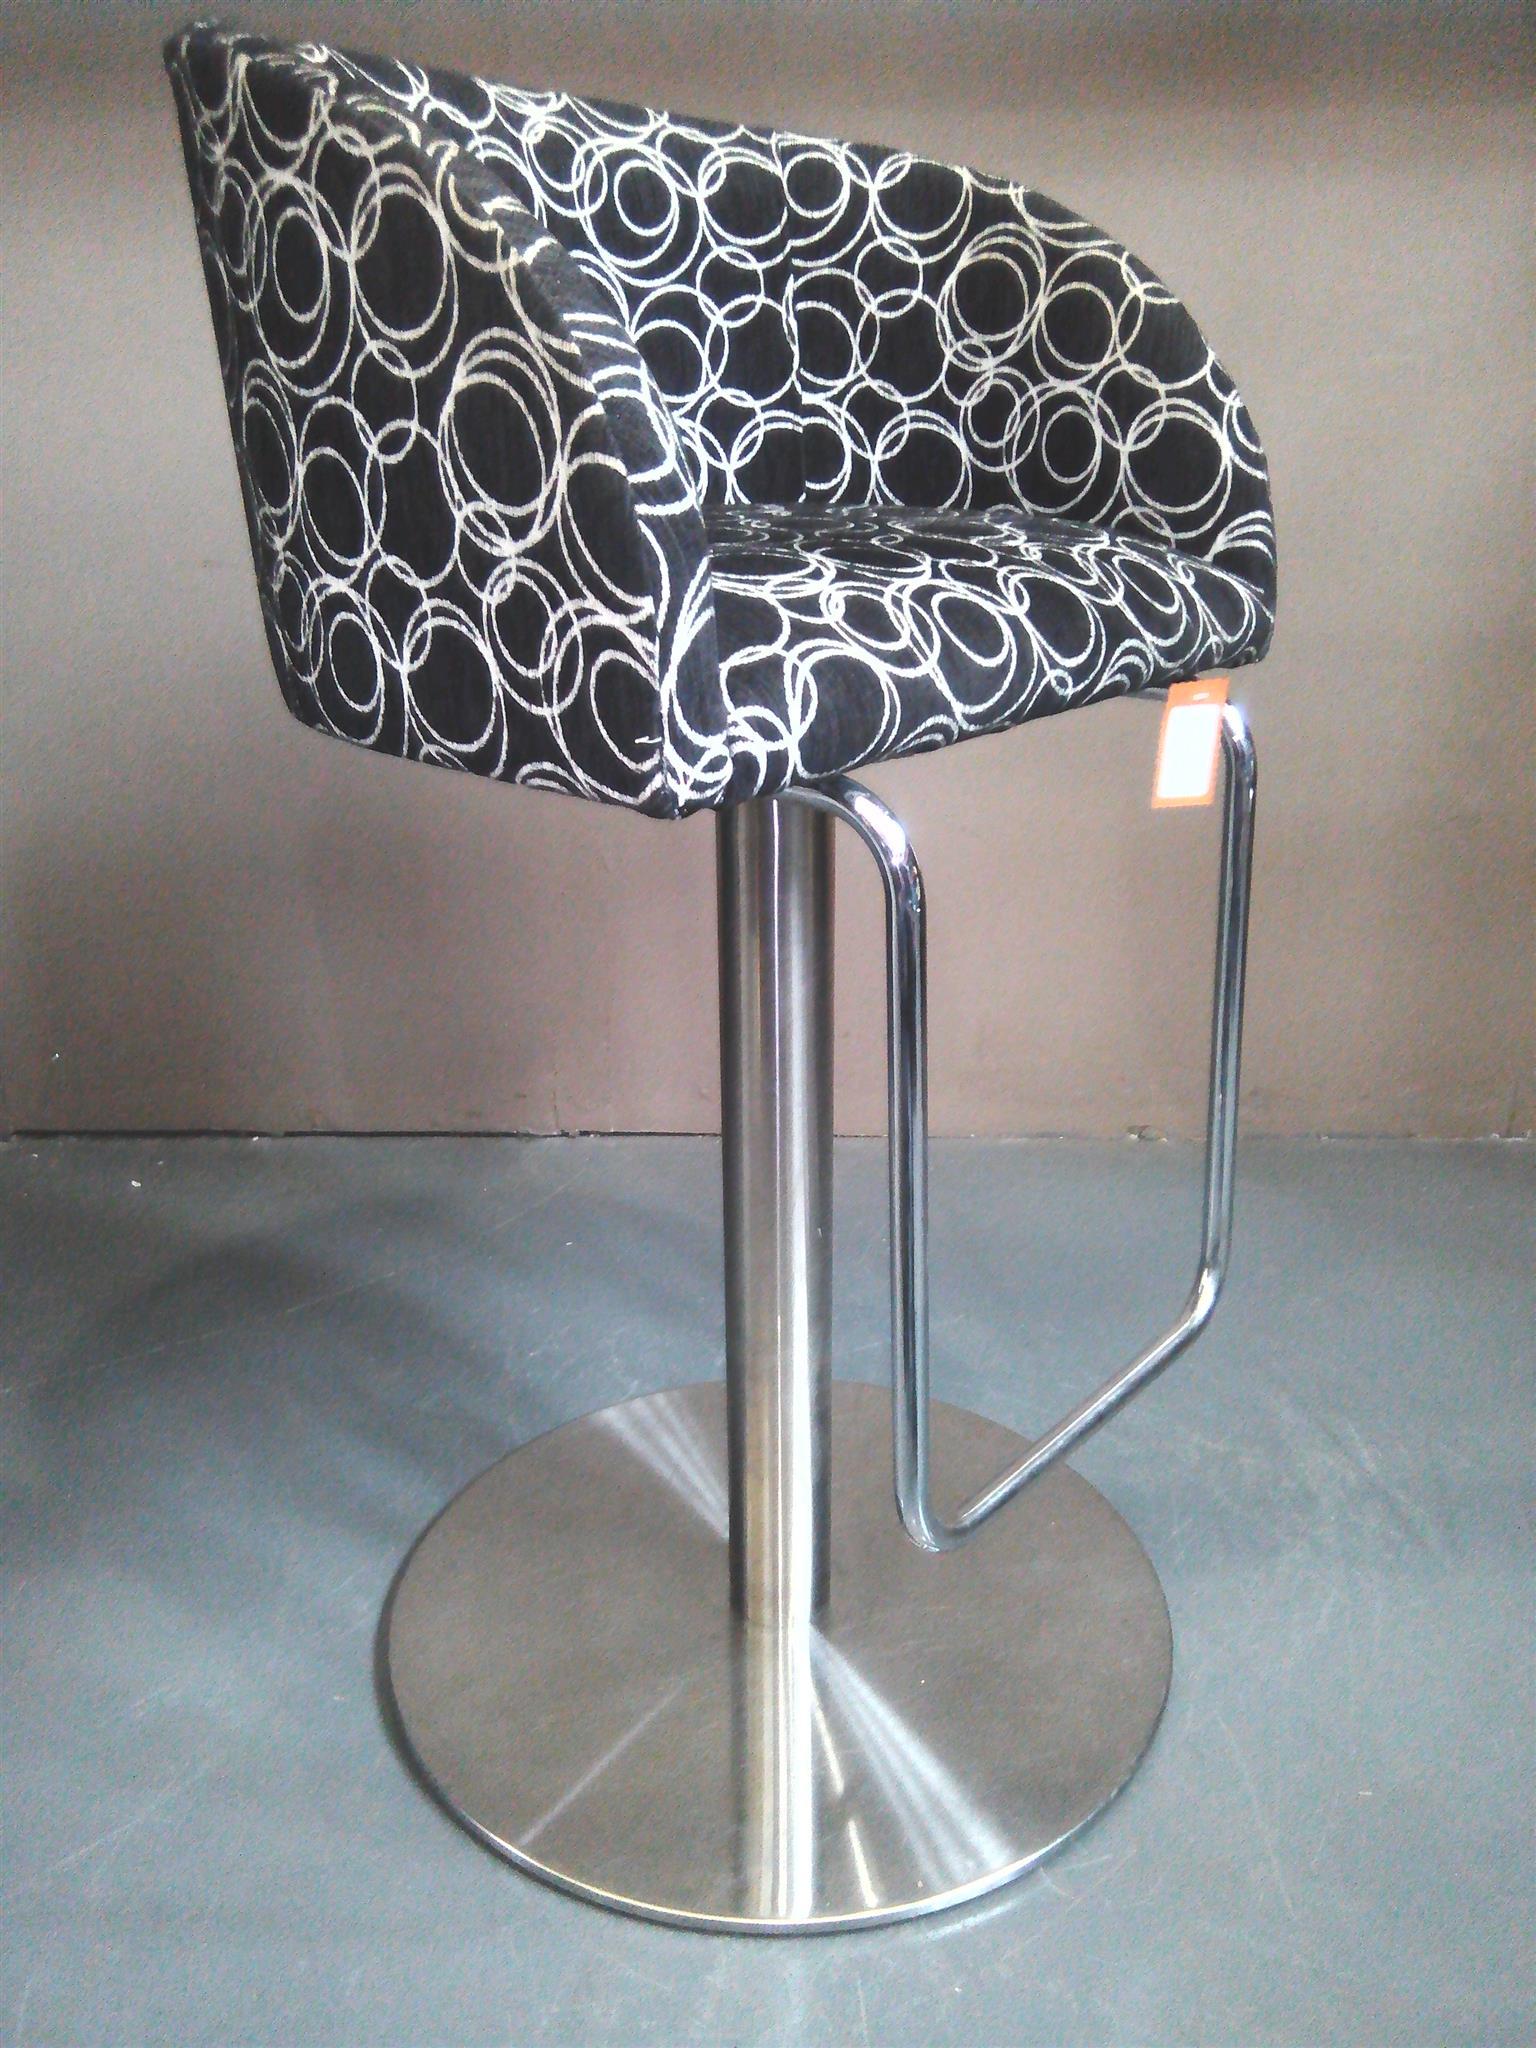 Crome bar chair